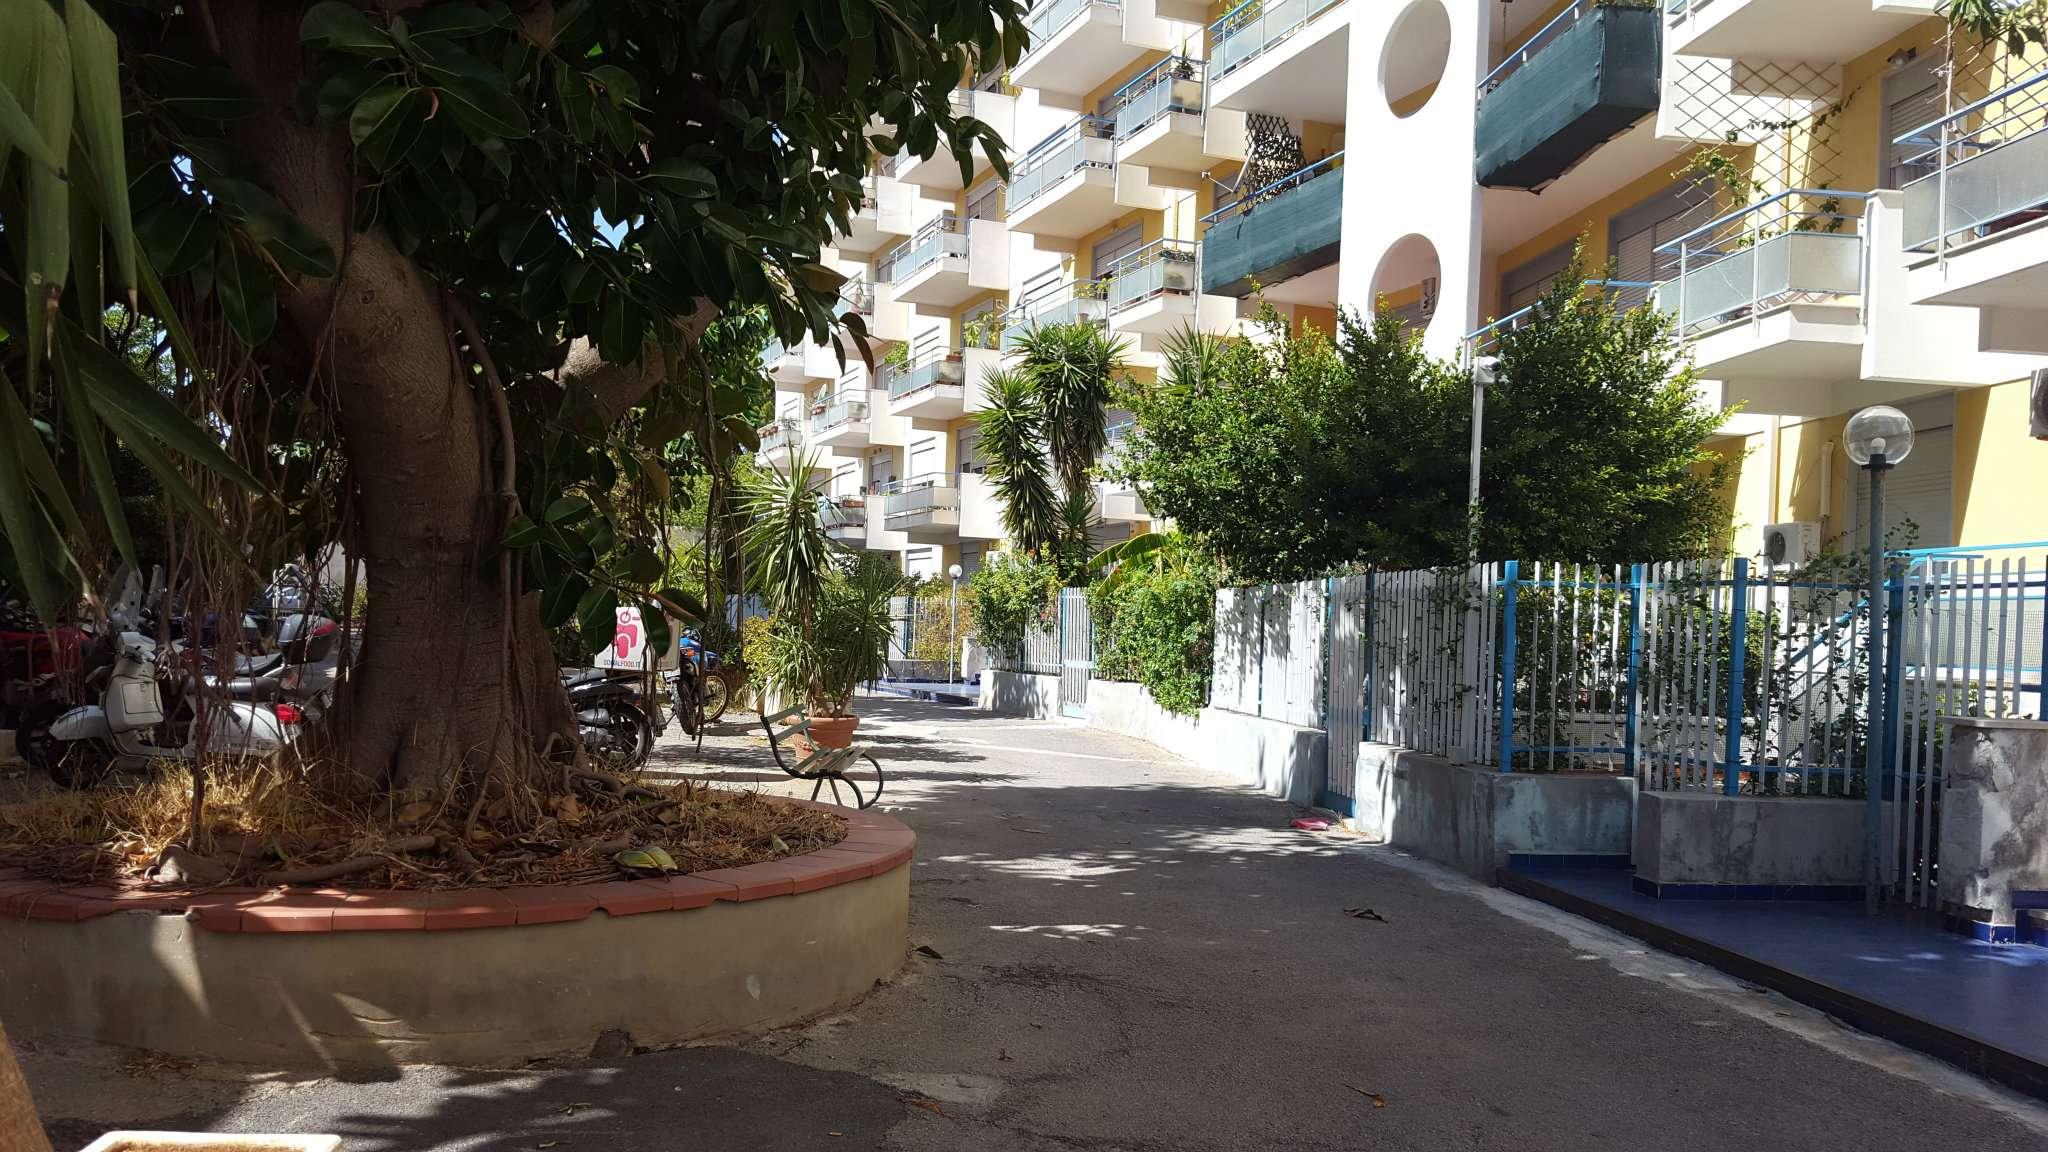 Appartamento in vendita a palermo via montepellegrino for Appartamento arredato palermo